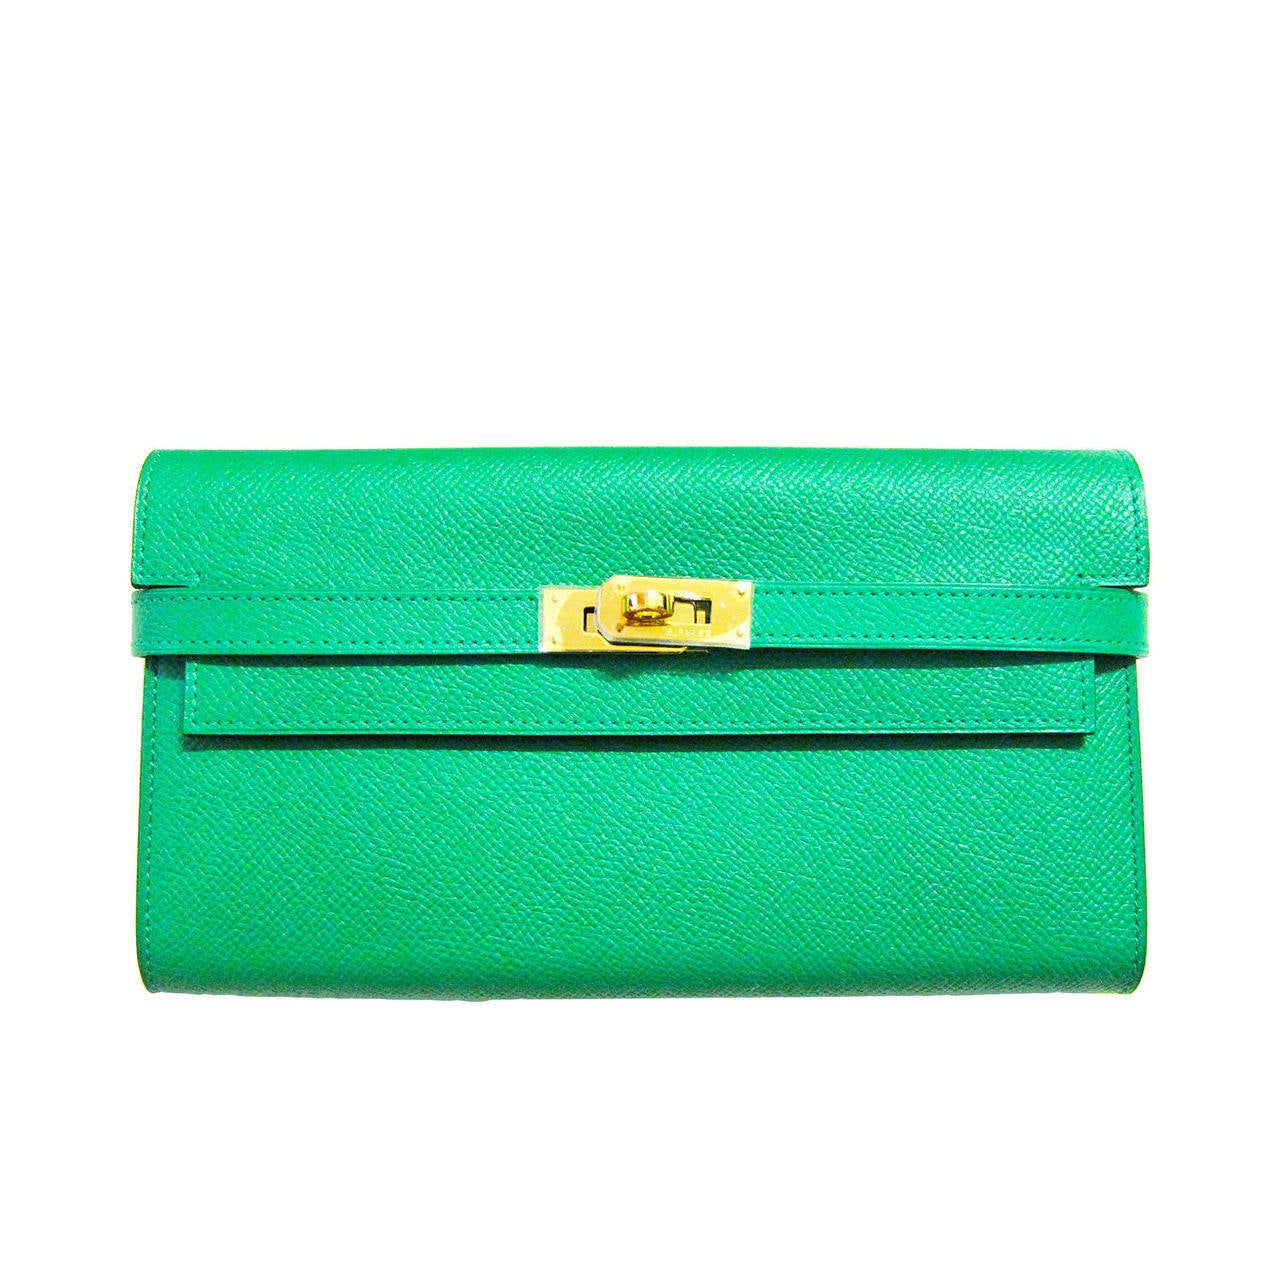 hermes messenger bag - Hermes Blue Nuit Togo Birkin 35cm Gold Hardware